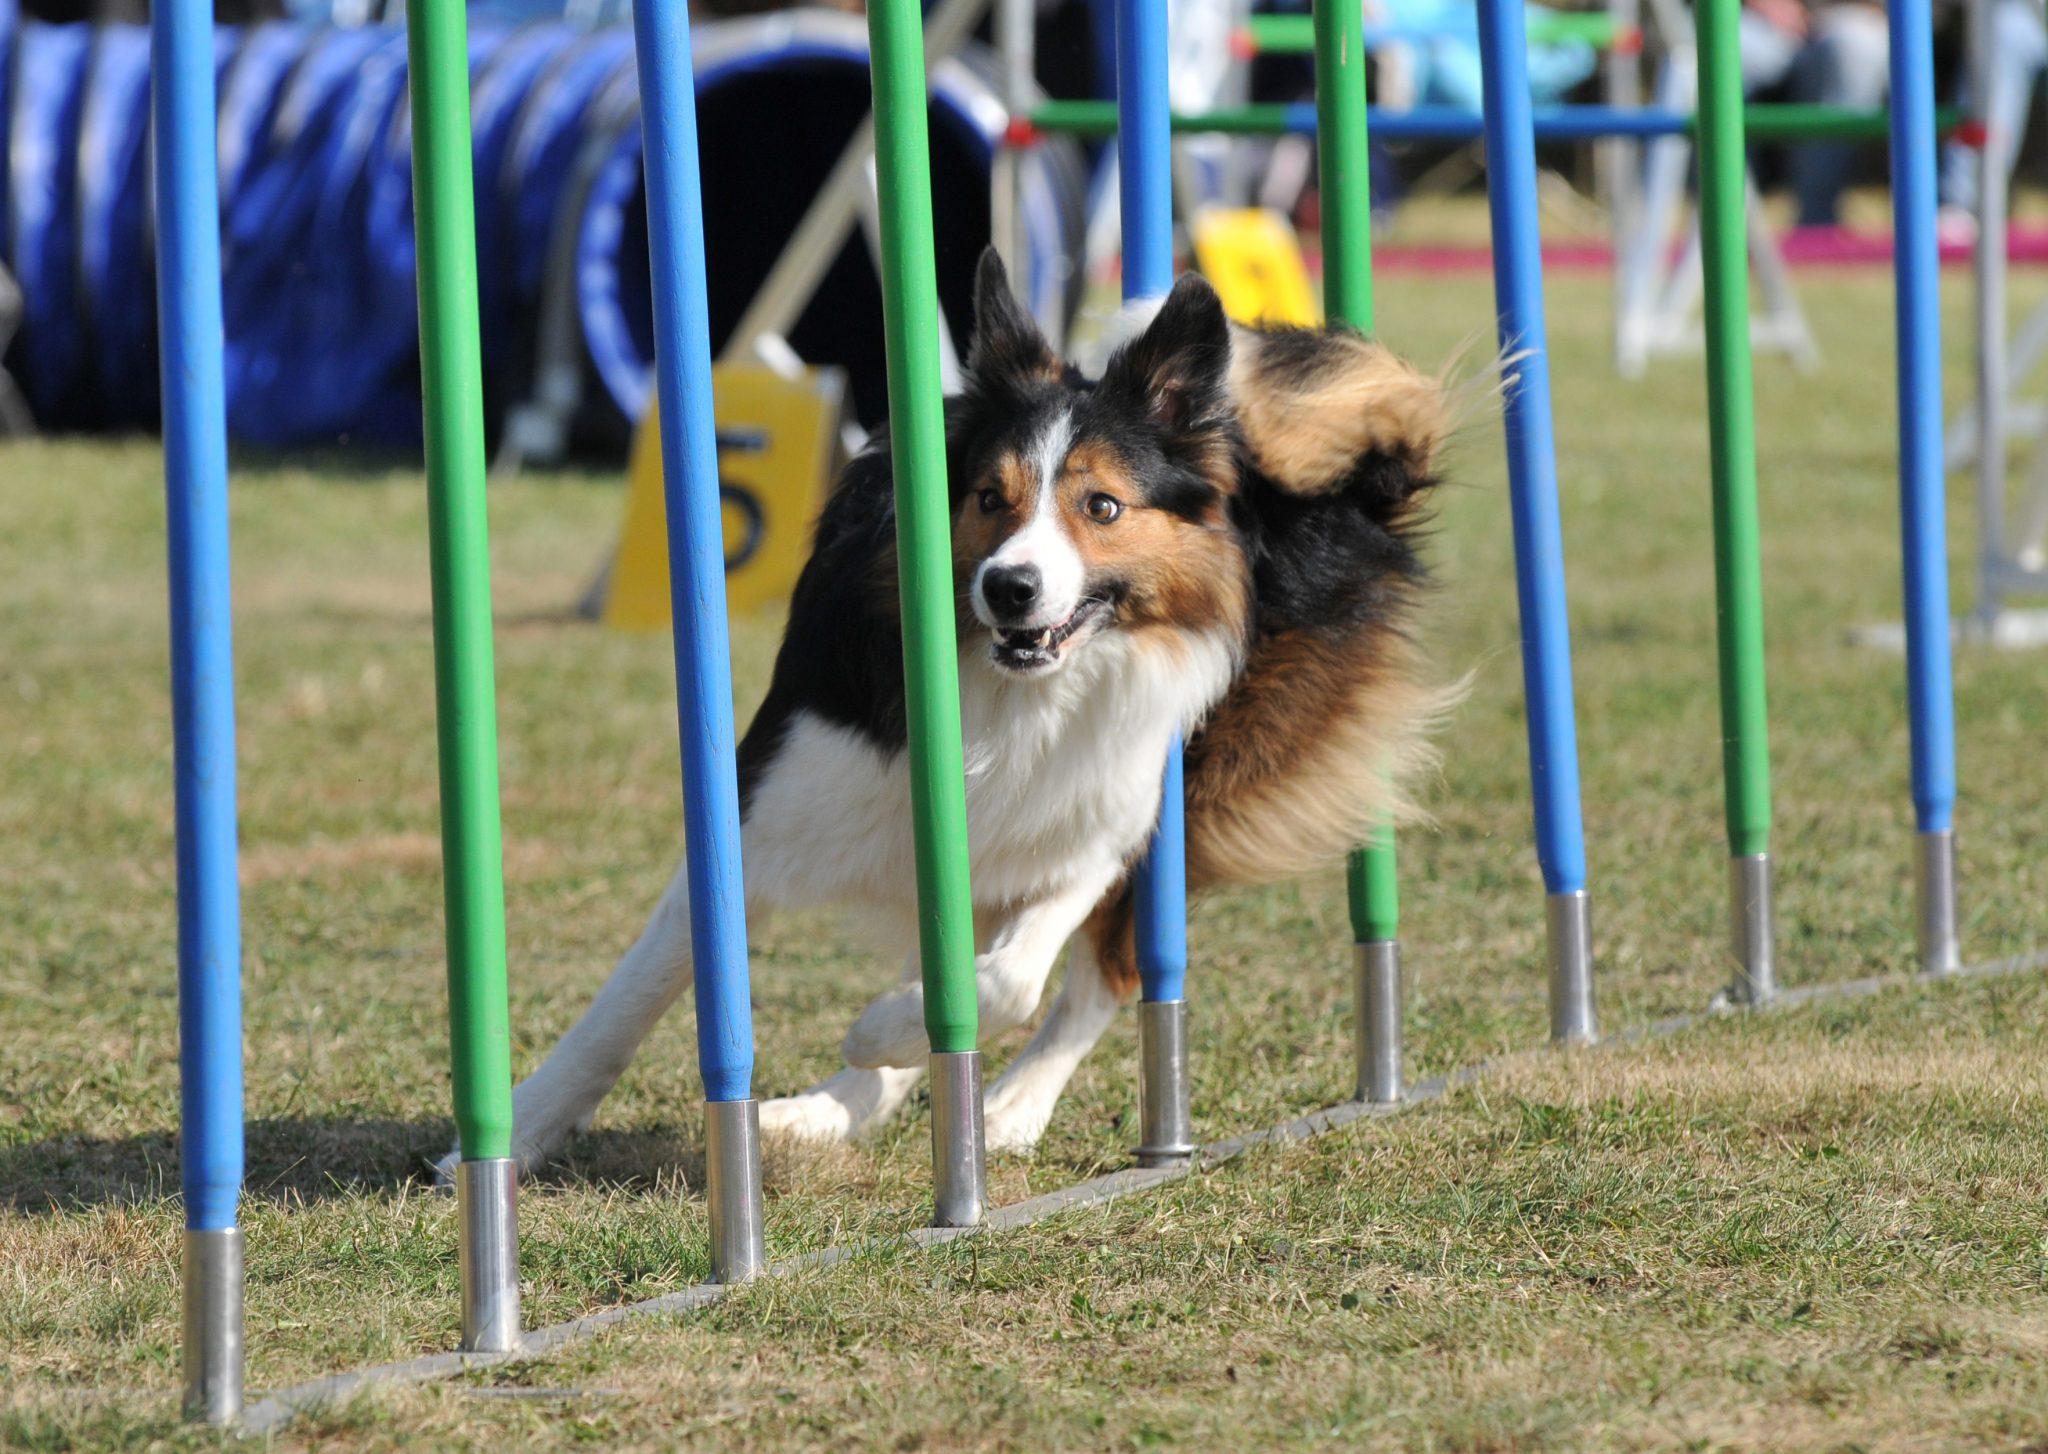 Cómo entrenar a un perro para concurso de agility?